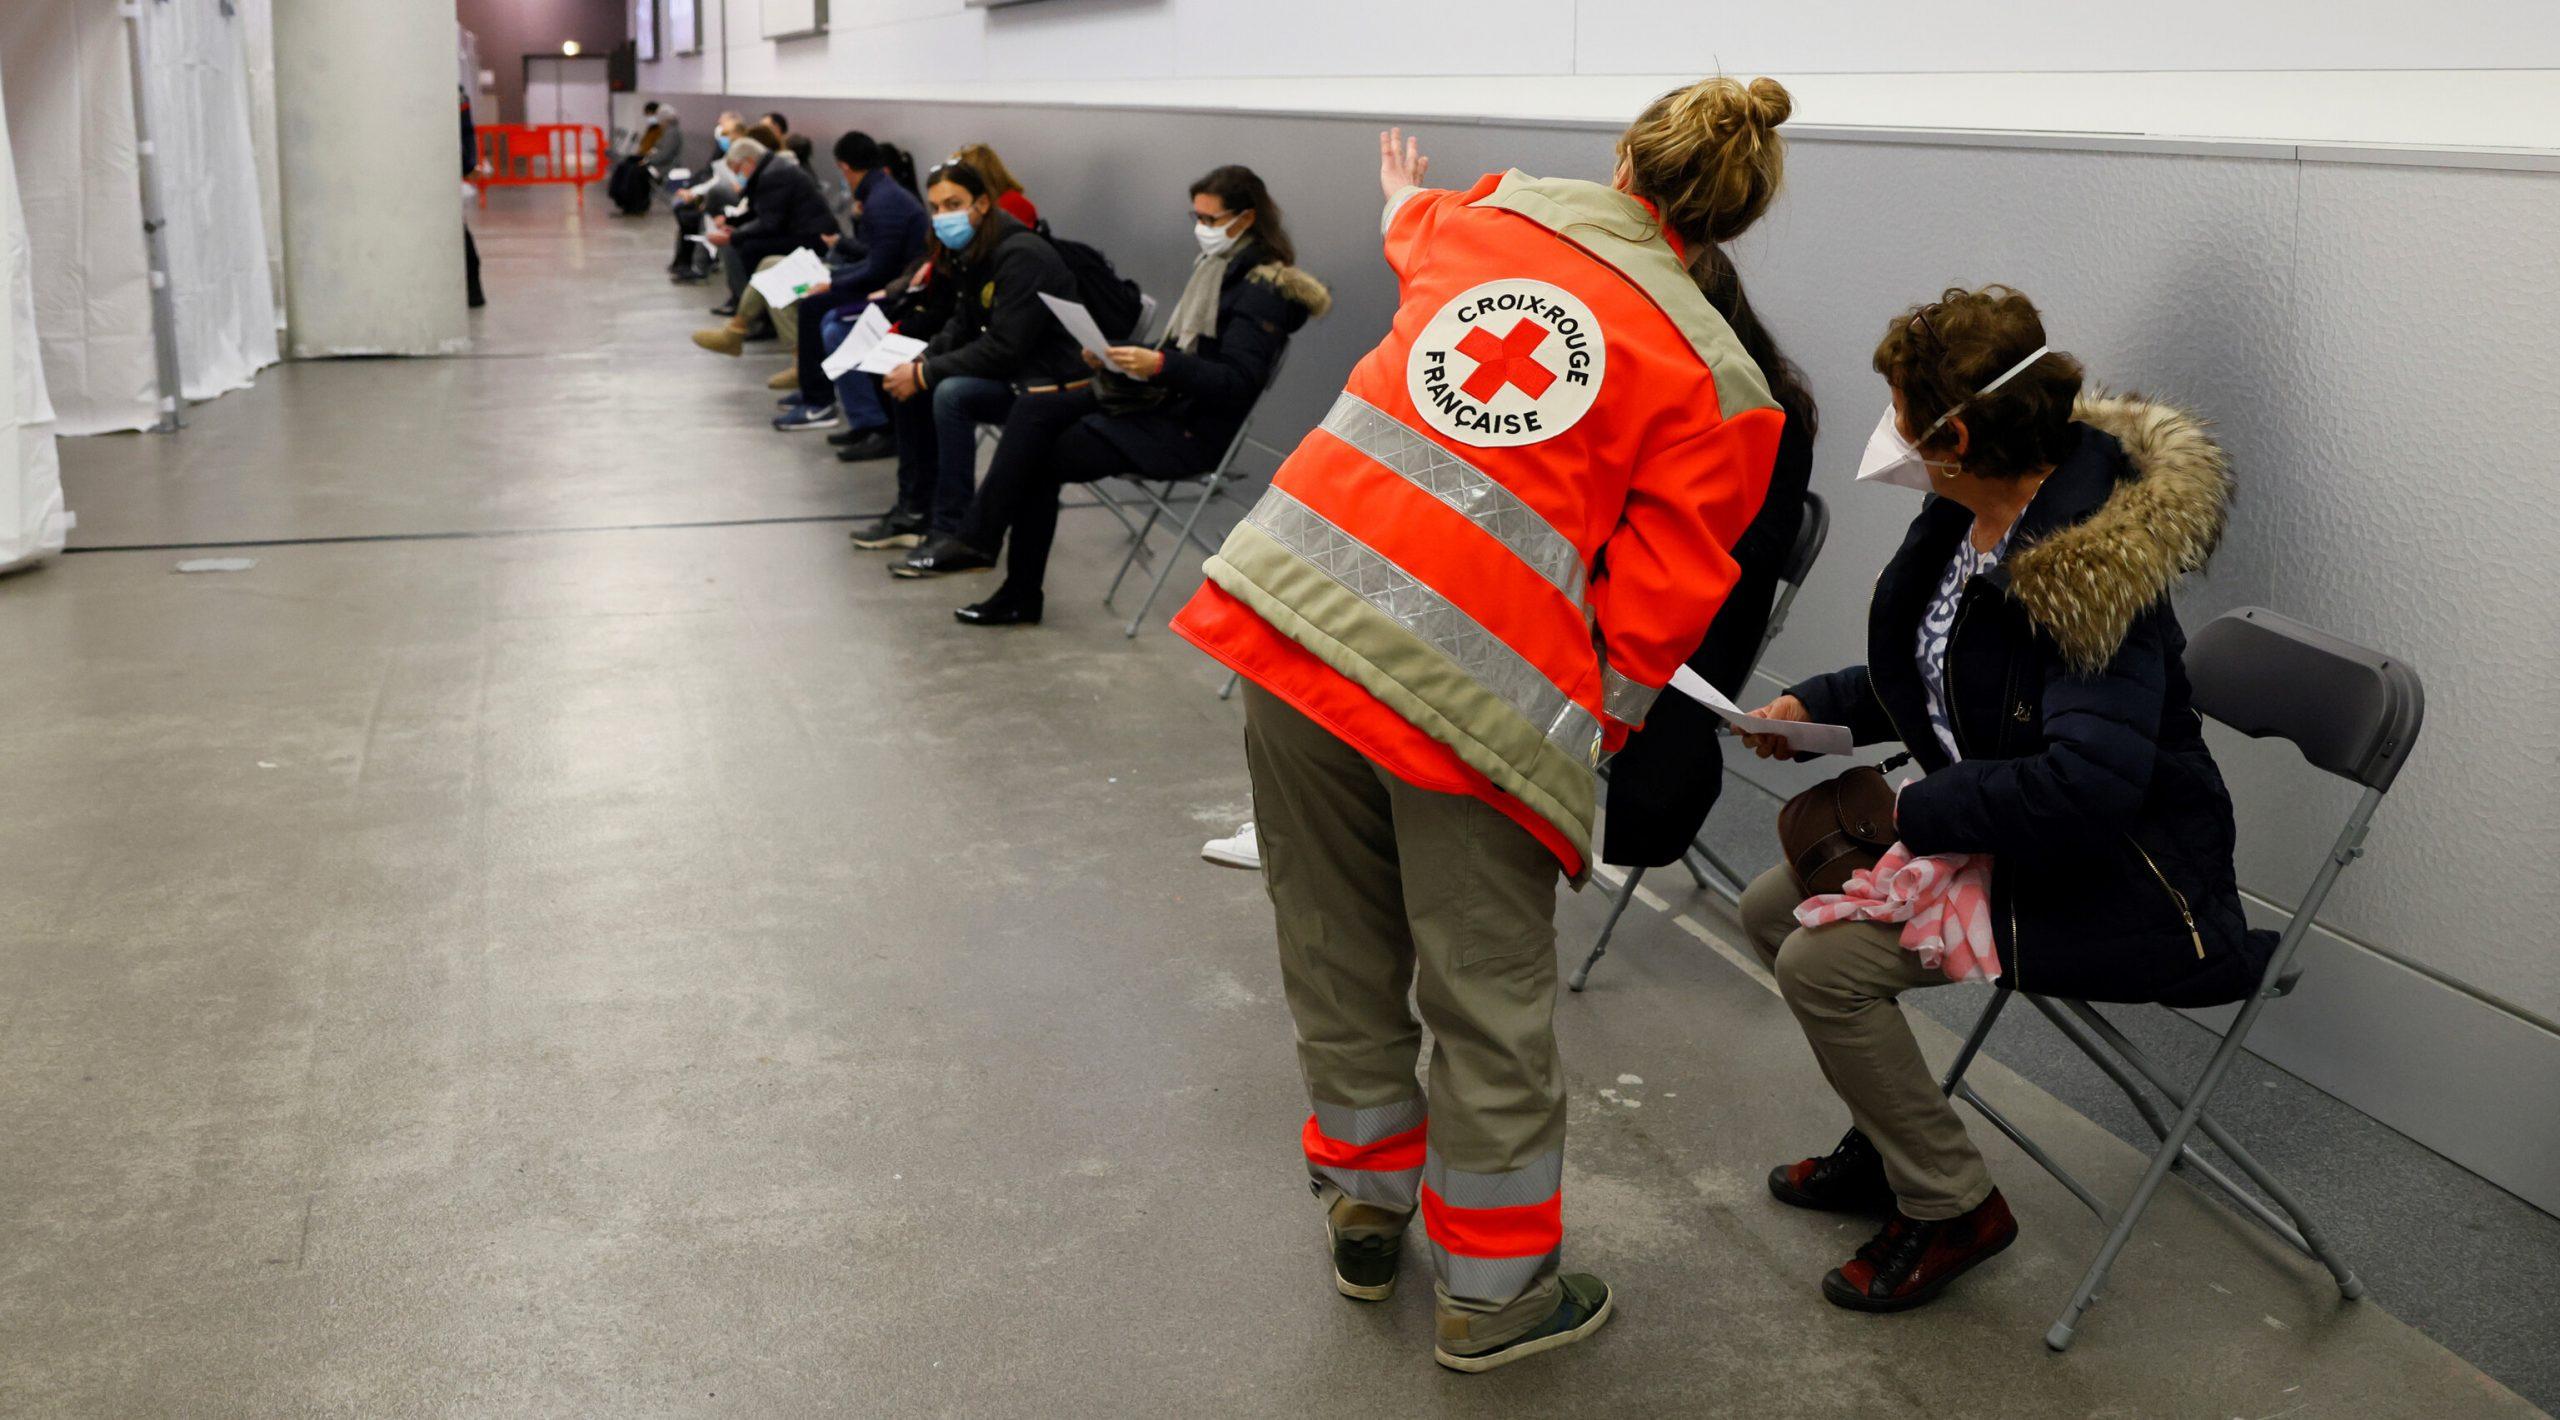 Franța a raportat cu 350.000 mai multe cazuri Covid decât erau în realitate, în ultimele trei luni